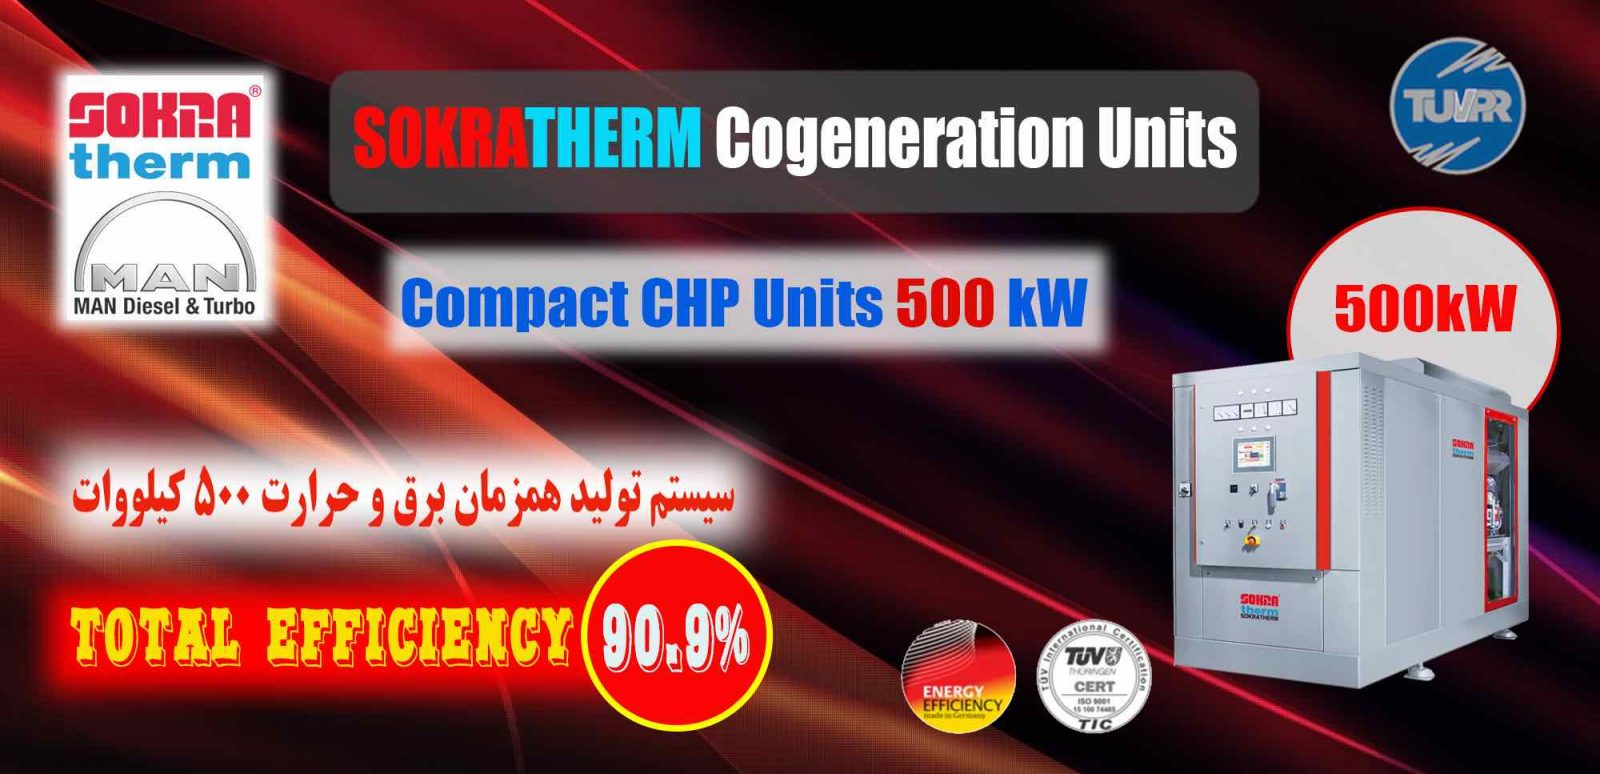 سیستم تولید همزمان برق و حرارت ۵۰۰ کیلووات آلمانی- شرکت پارس رایزن- 500 kW CHP combined head and power